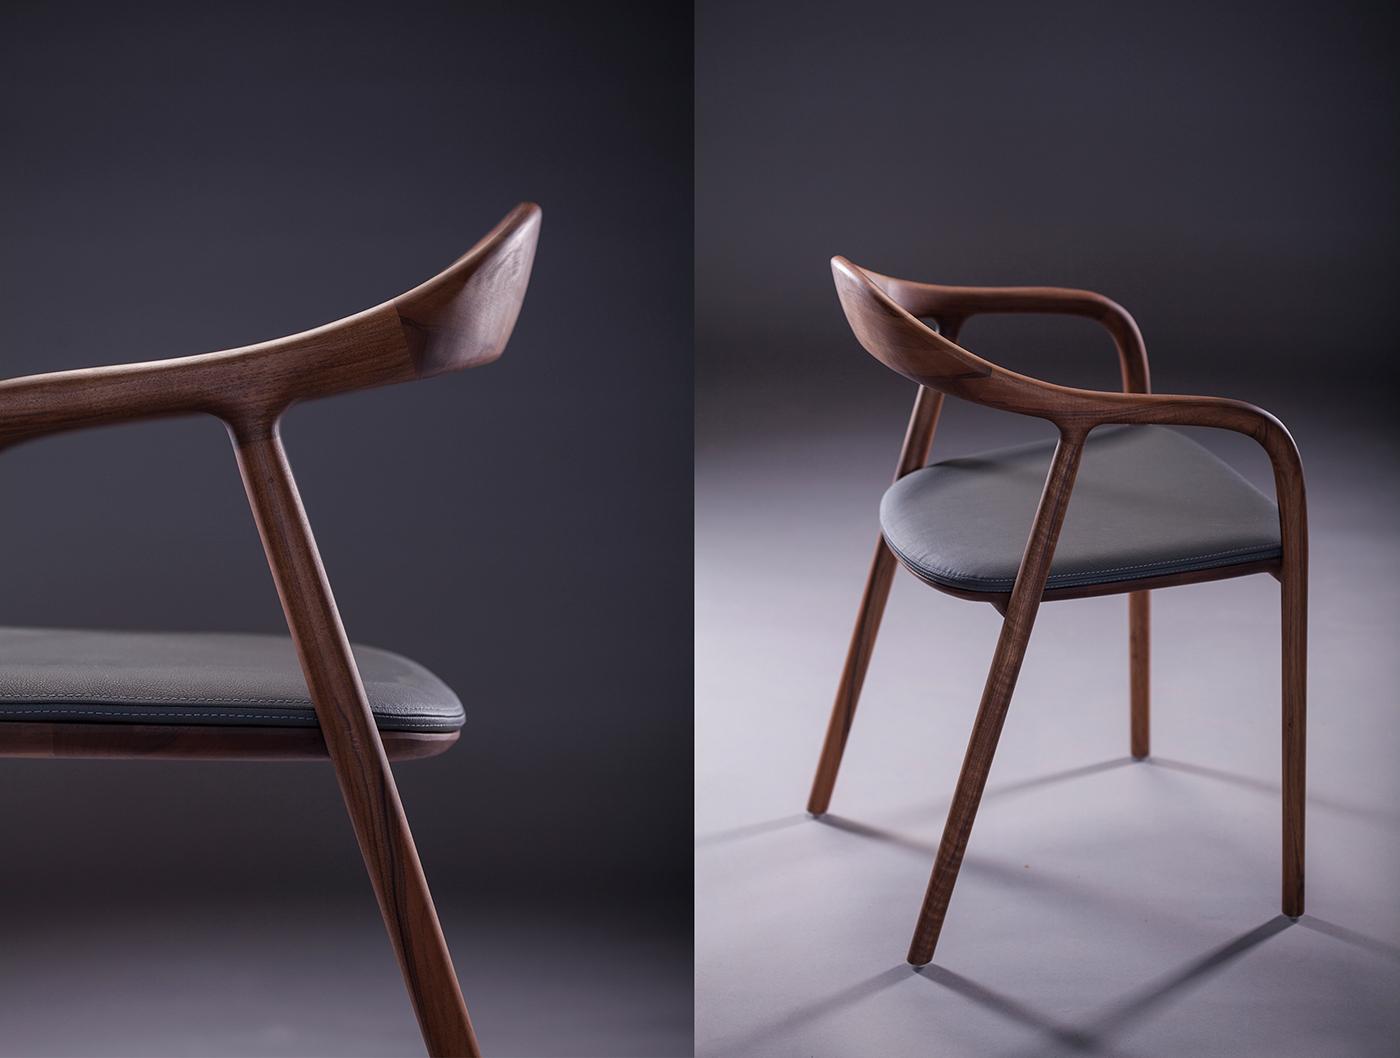 Mẫu ghế ăn Neva gỗ sồi hiện đại tạo ấn tượng tại Hà Nội